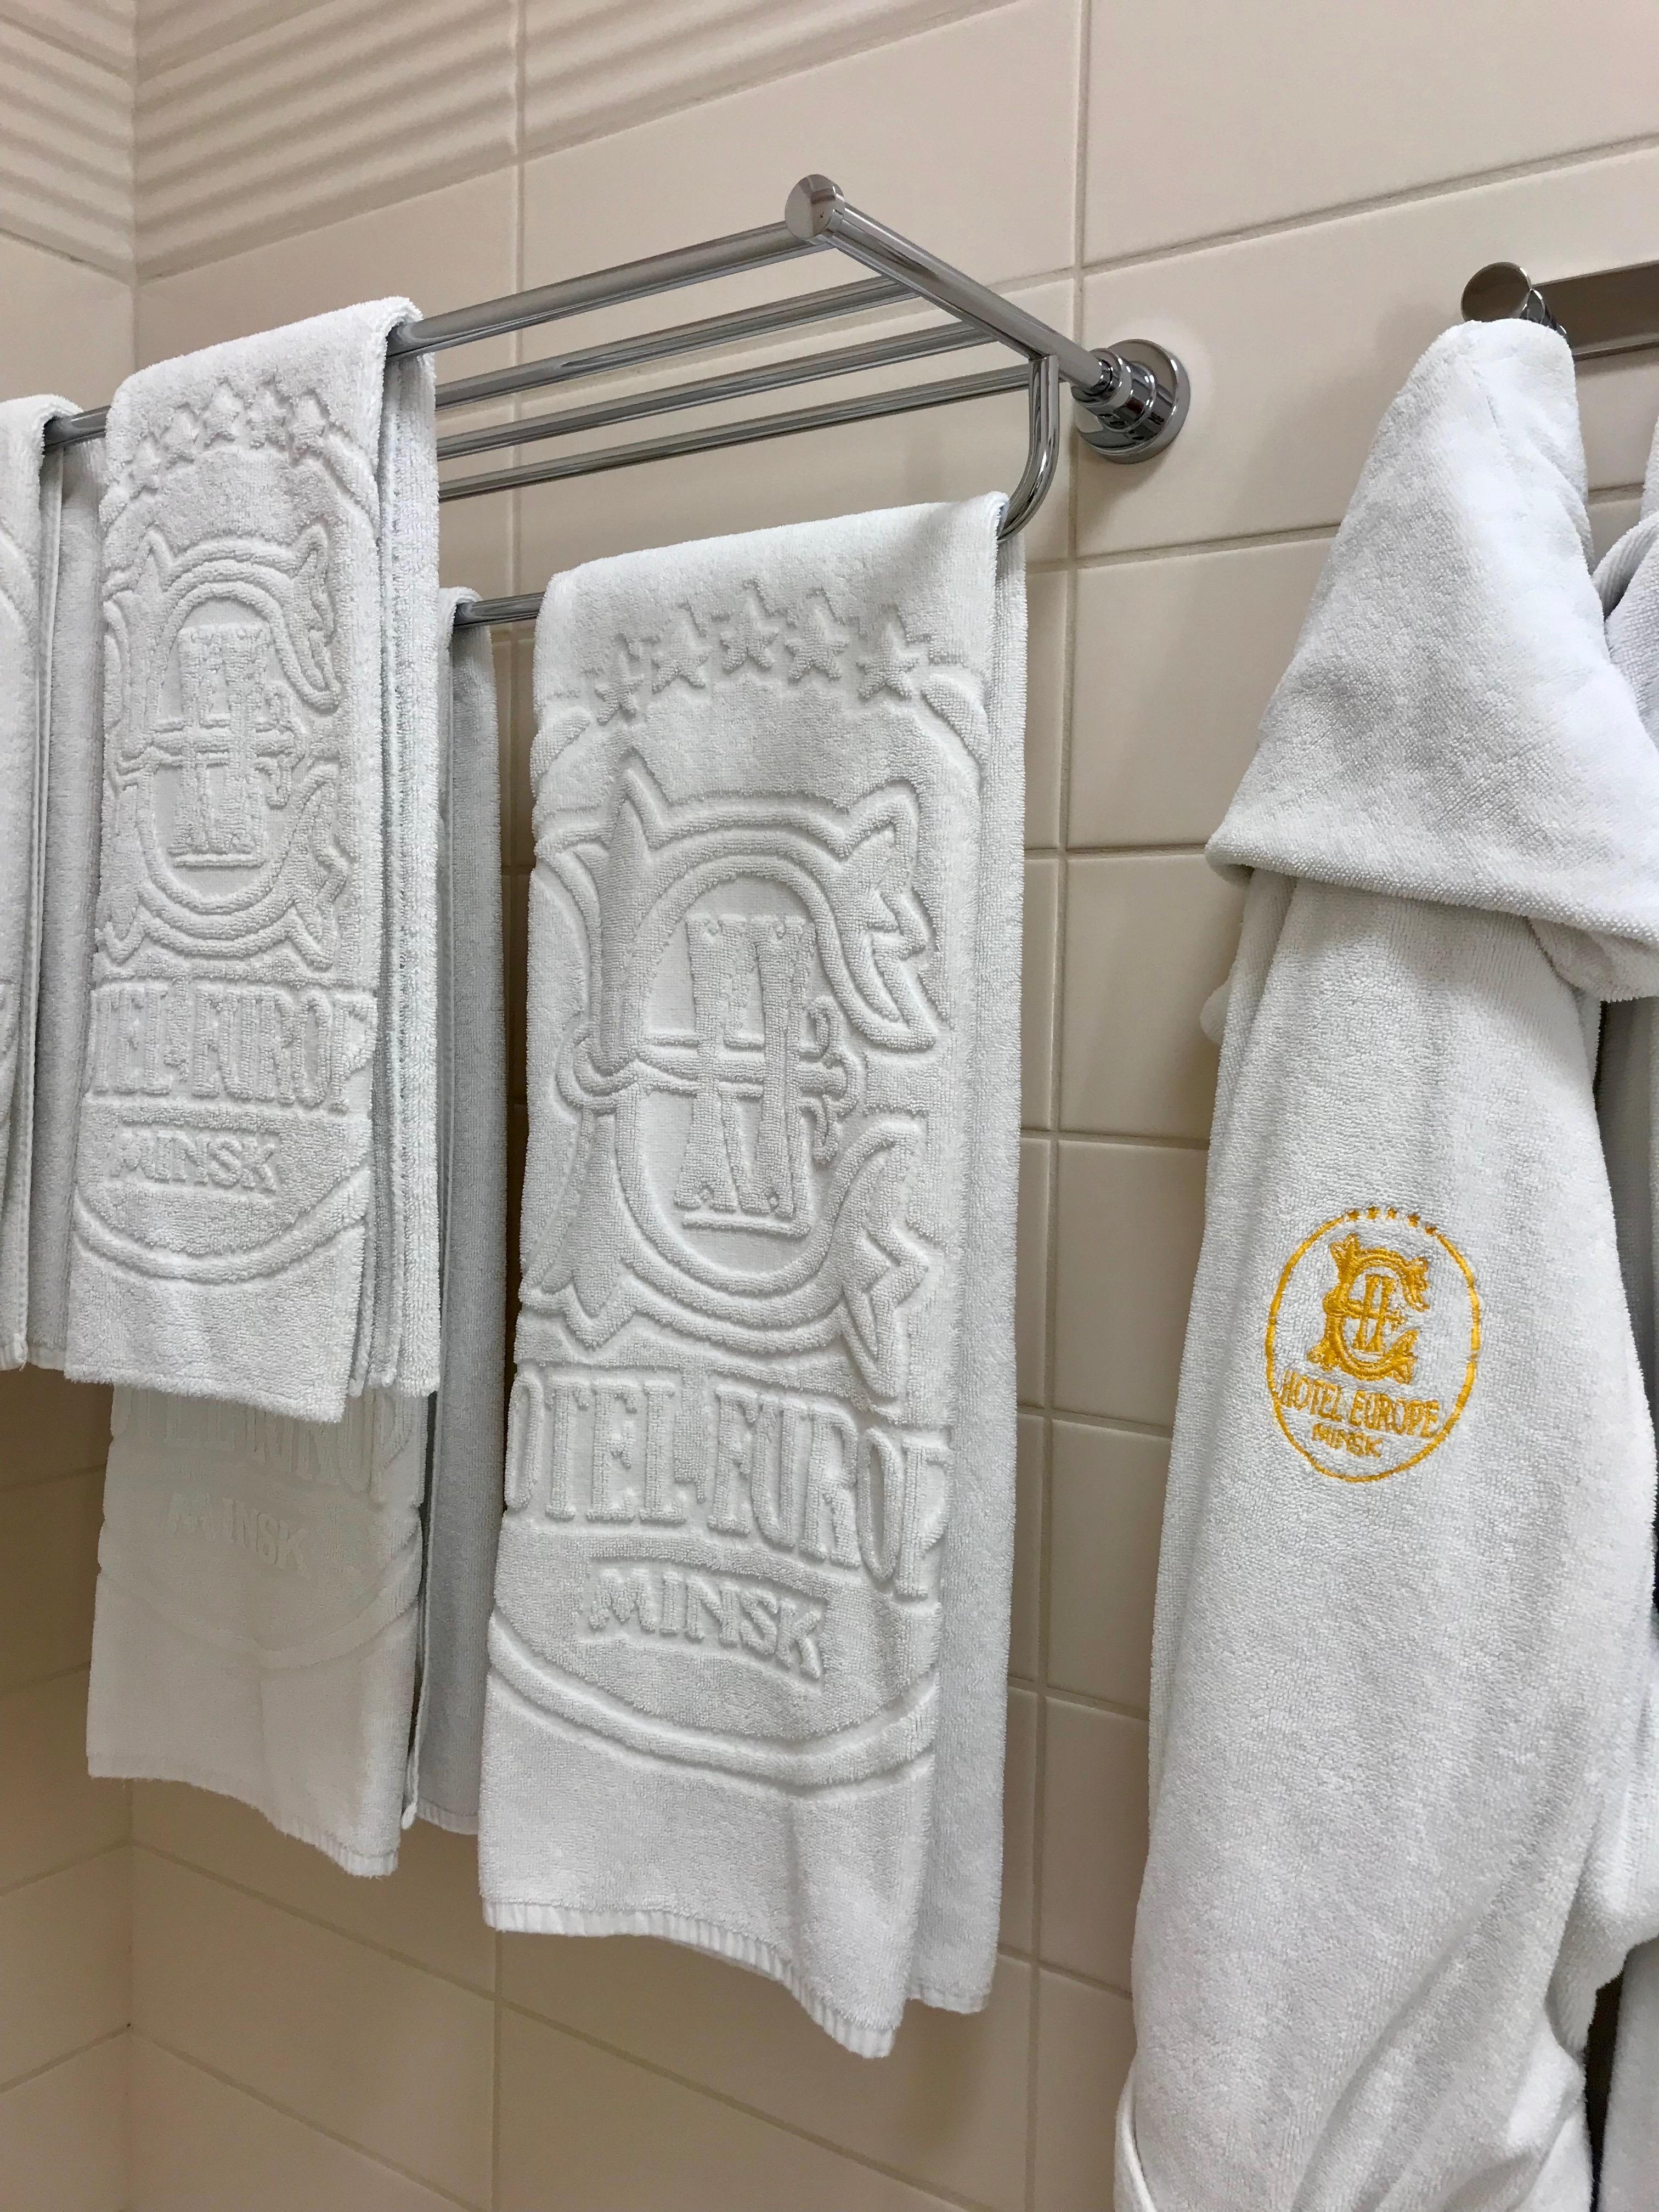 Hotel Europe towels in Minsk